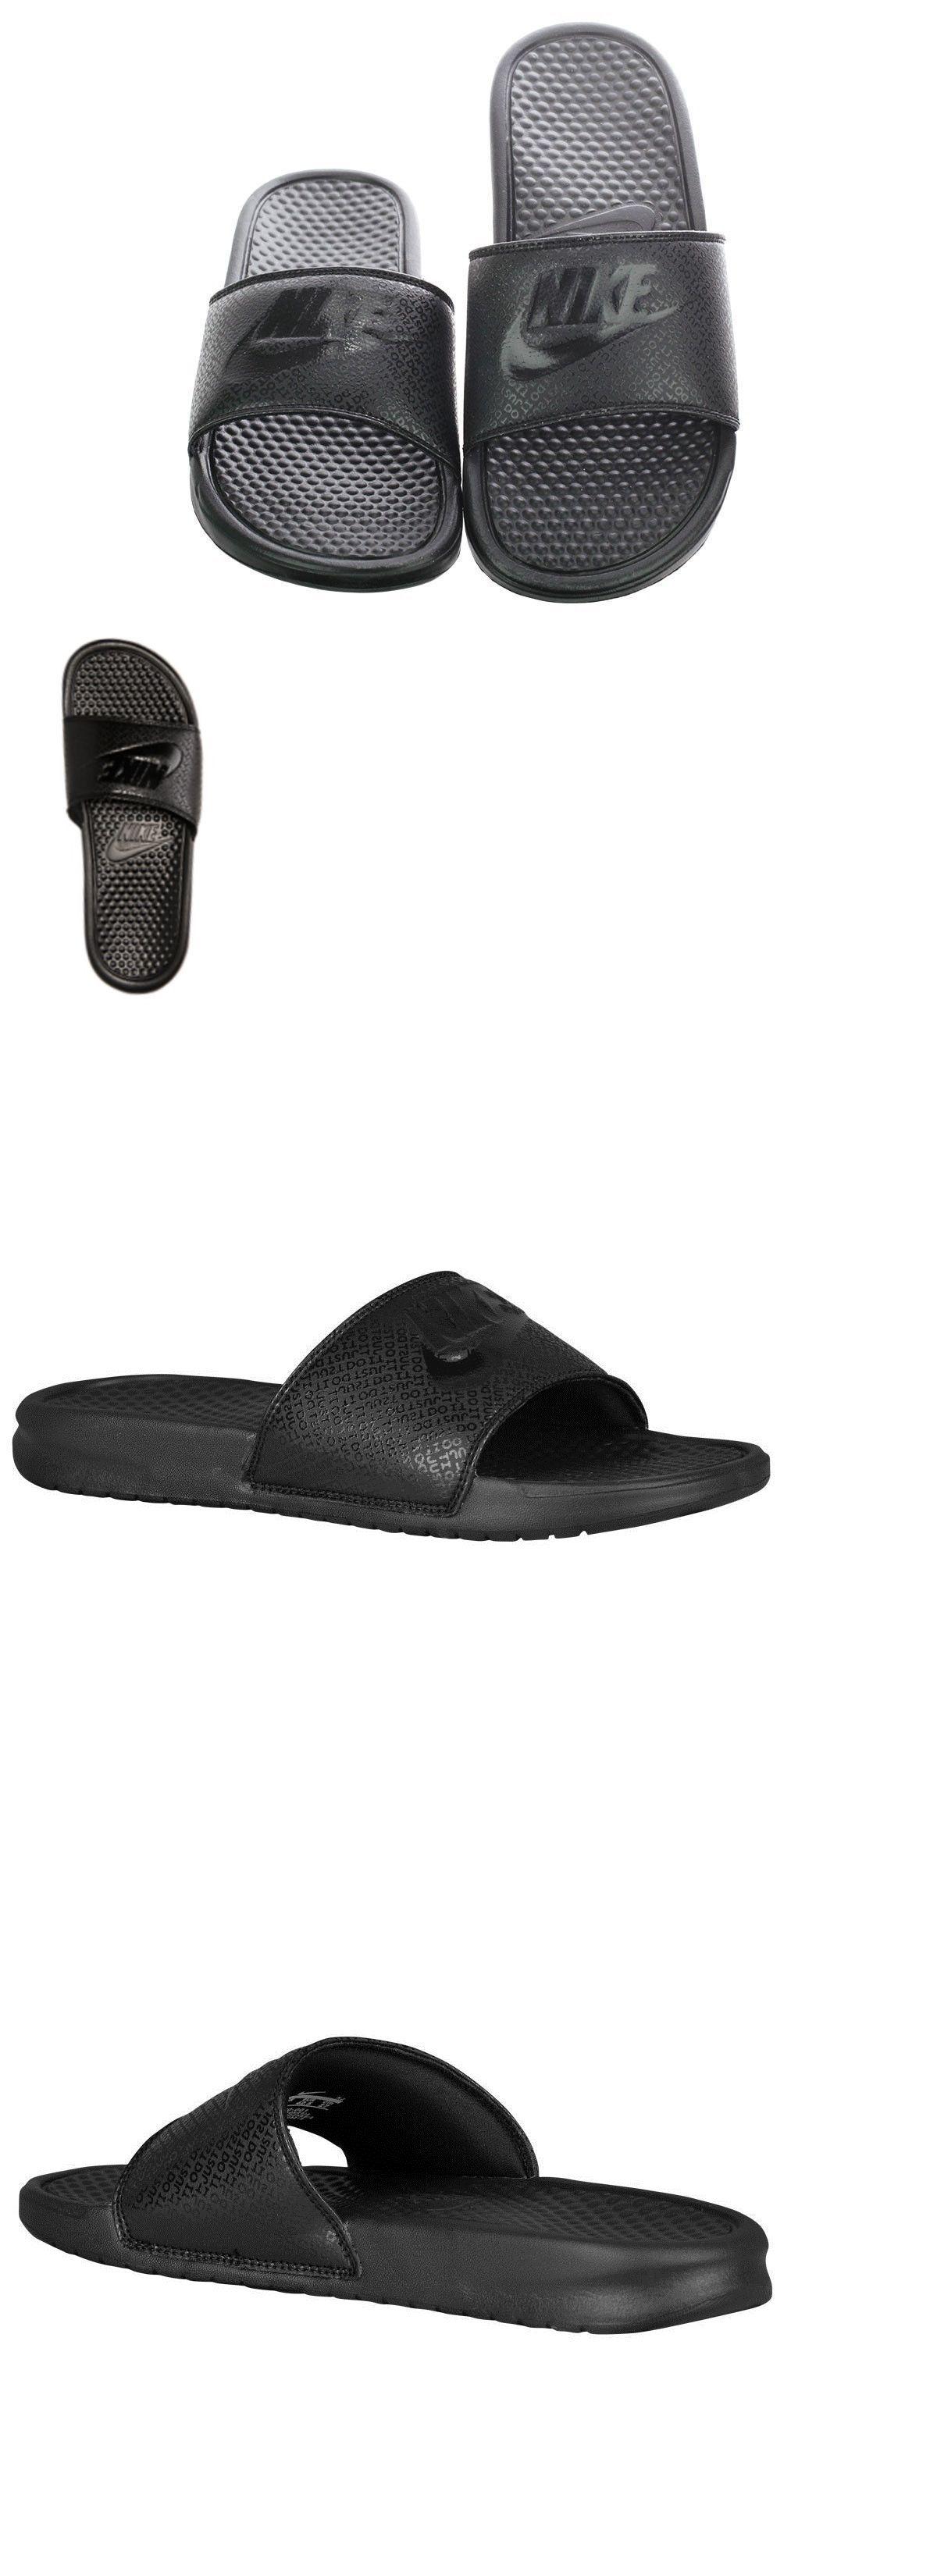 Sandals 11504  Nike Benassi Jdi Men S Slide Black Black Slipper 343880 001 Free  Shipping -  BUY IT NOW ONLY   27.95 on  eBay  sandals  benassi  slide  black  ... b8257aed5